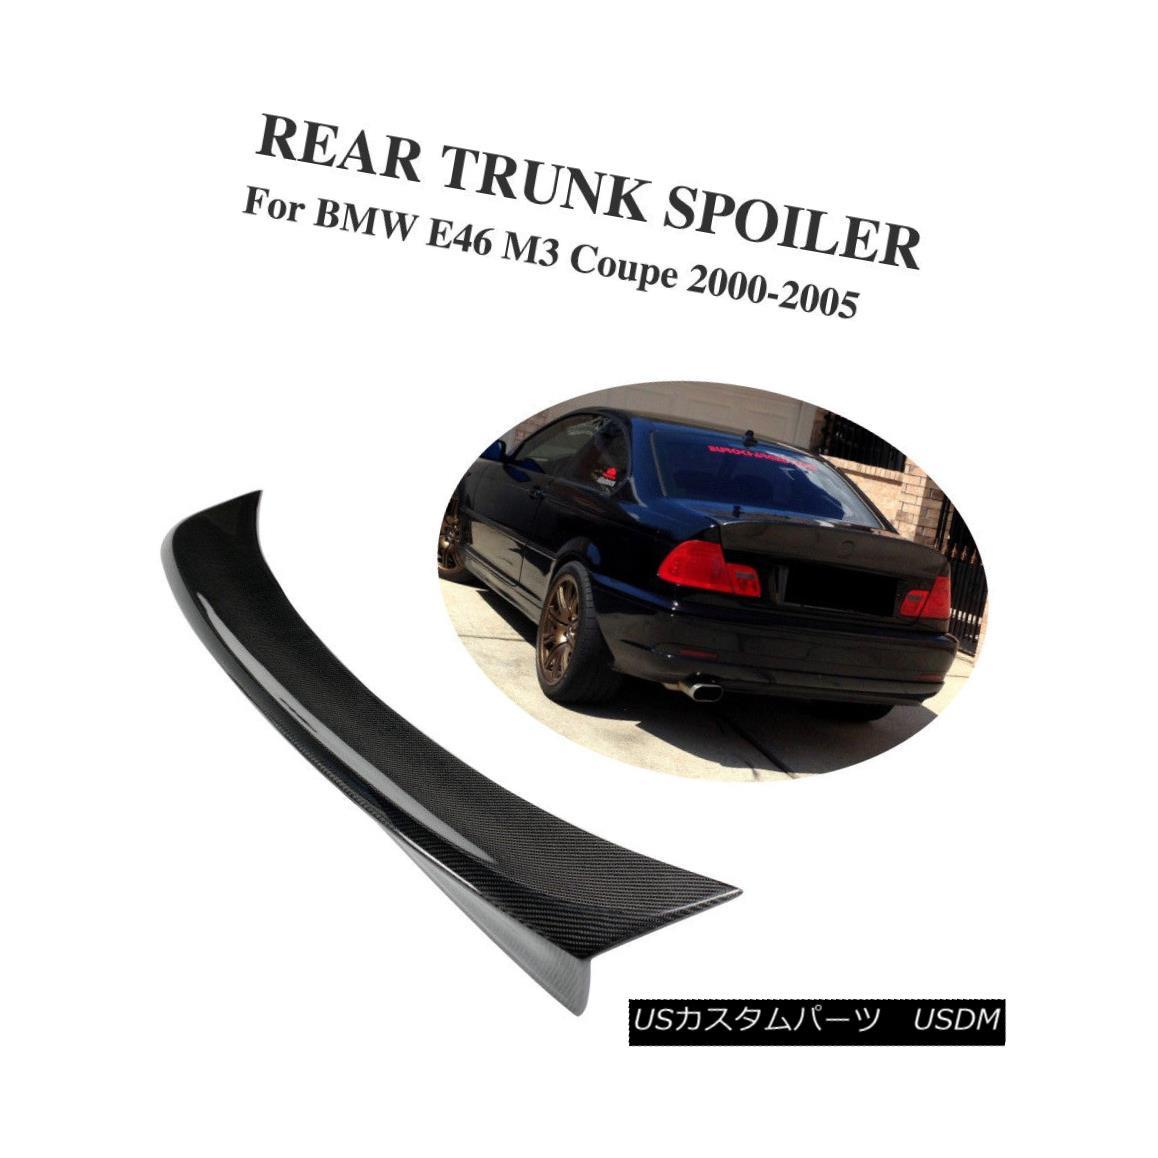 エアロパーツ Carbon Fiber Rear Trunk Spoiler Lip Bigger Wing CSL Fit for BMW E46 M3 Couple カーボンファイバーリアトランクスポイラーリップビガーウィングCSLフィットBMW E46 M3カップル用